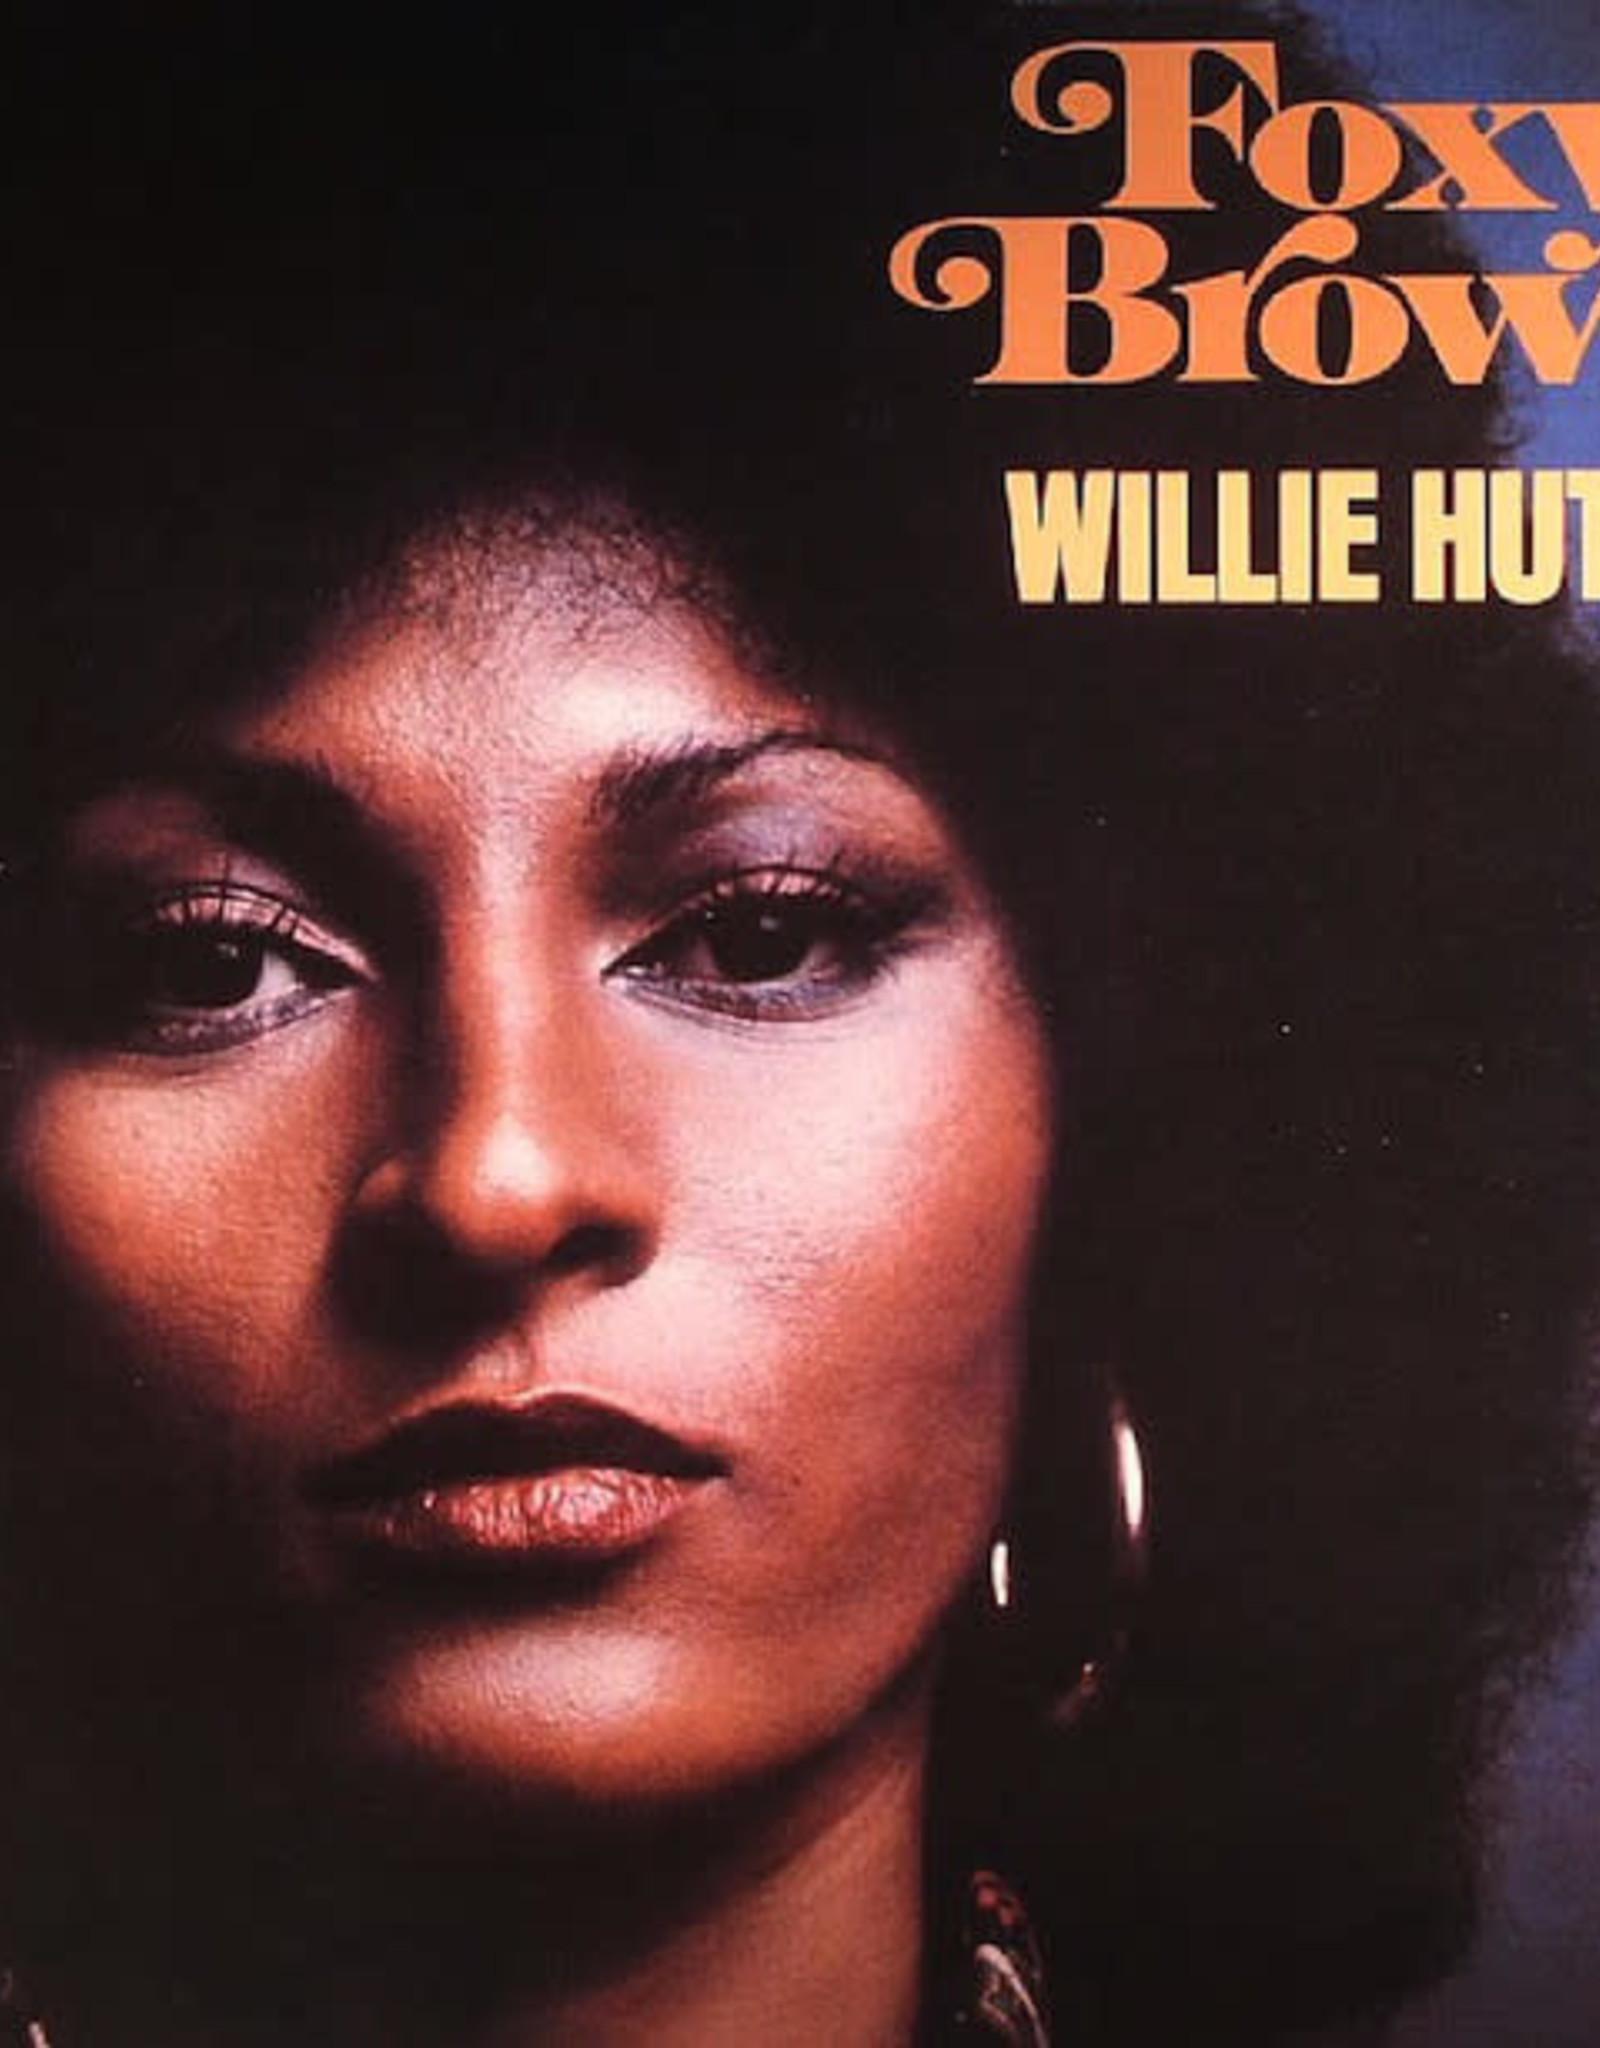 Willie Hutch - Foxy Brown OST